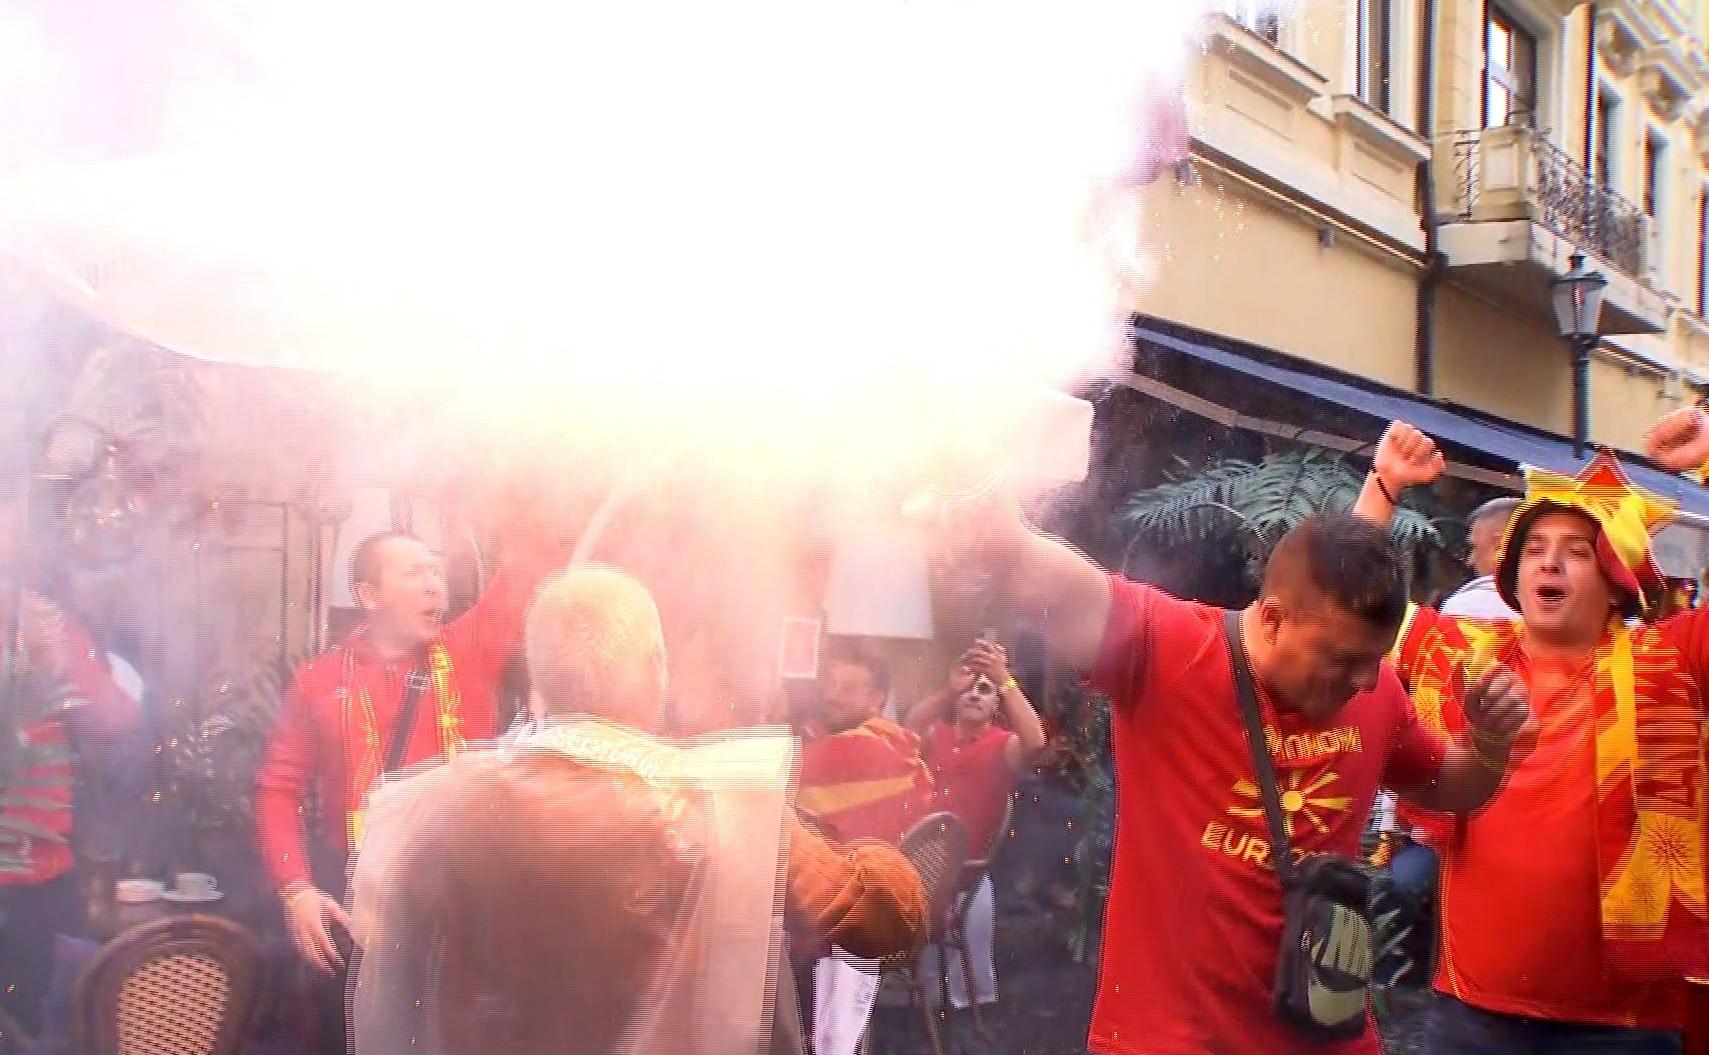 Fanii Austriei şi ai Macedoniei de Nord s-au întâlnit în Centrul Vechi / AS.ro